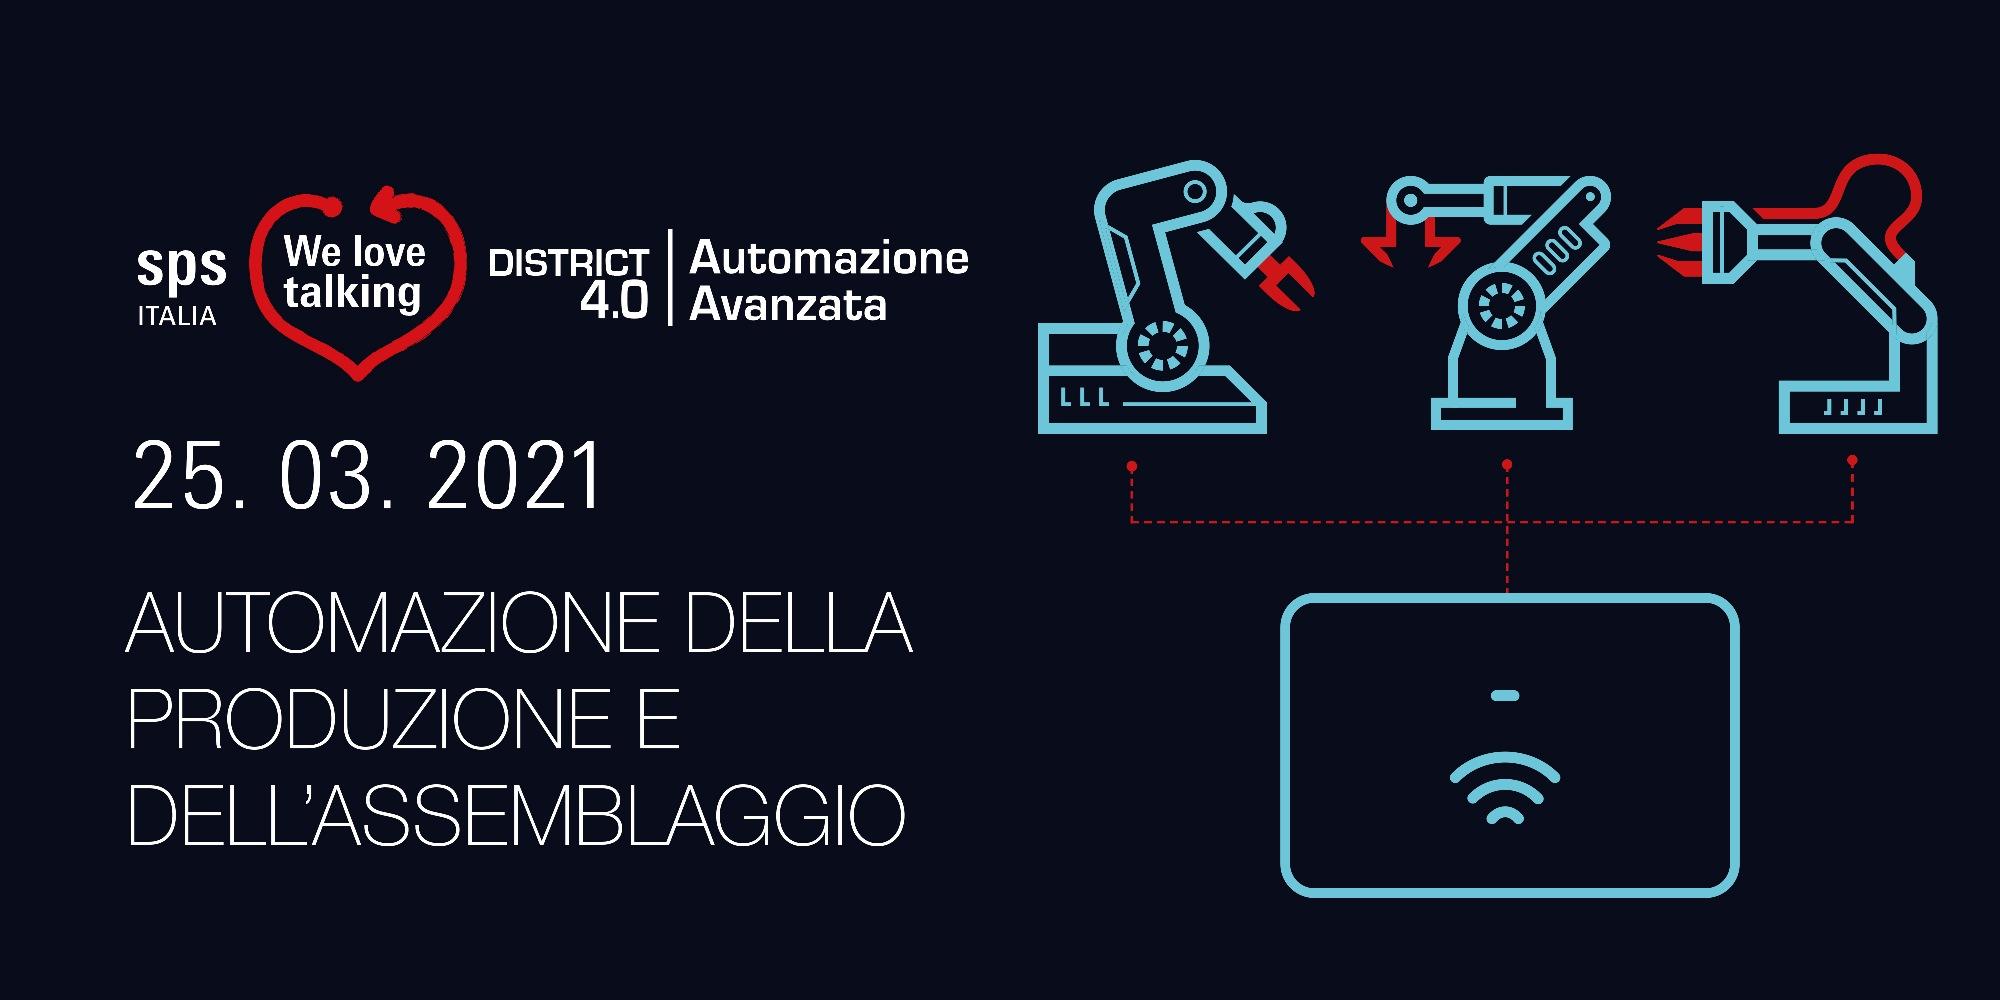 We Love Talking - Automazione della produzione e dell'assemblaggio: le tecnologie innovative a servizio della sostenibilità